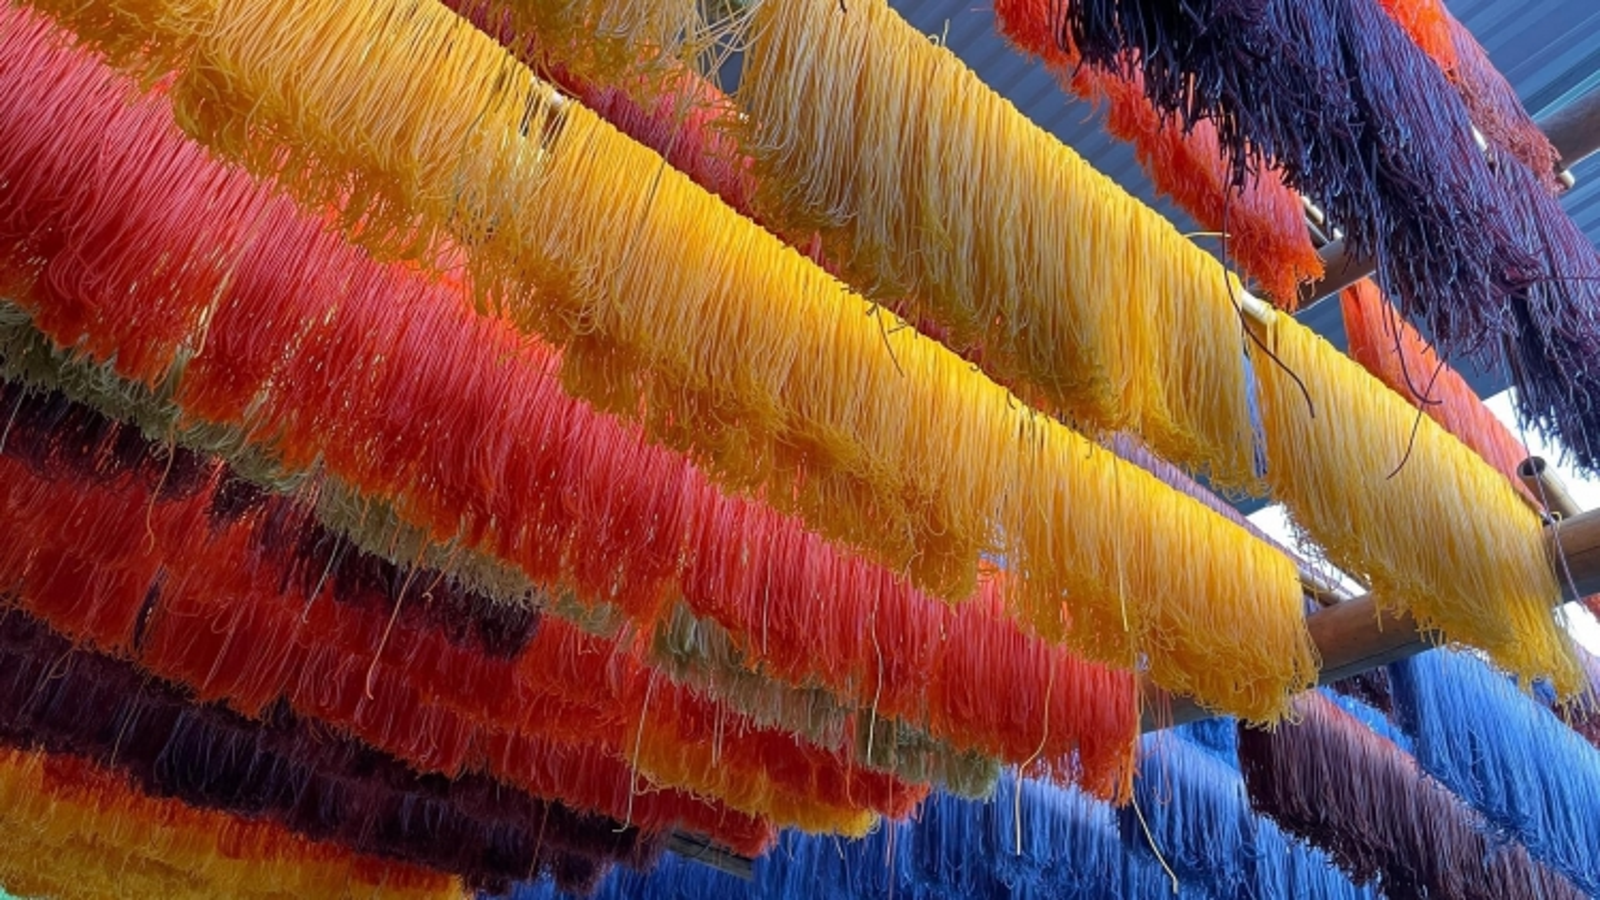 Hấp dẫn đặc sản bún ngũ sắc tại Cao Bằng